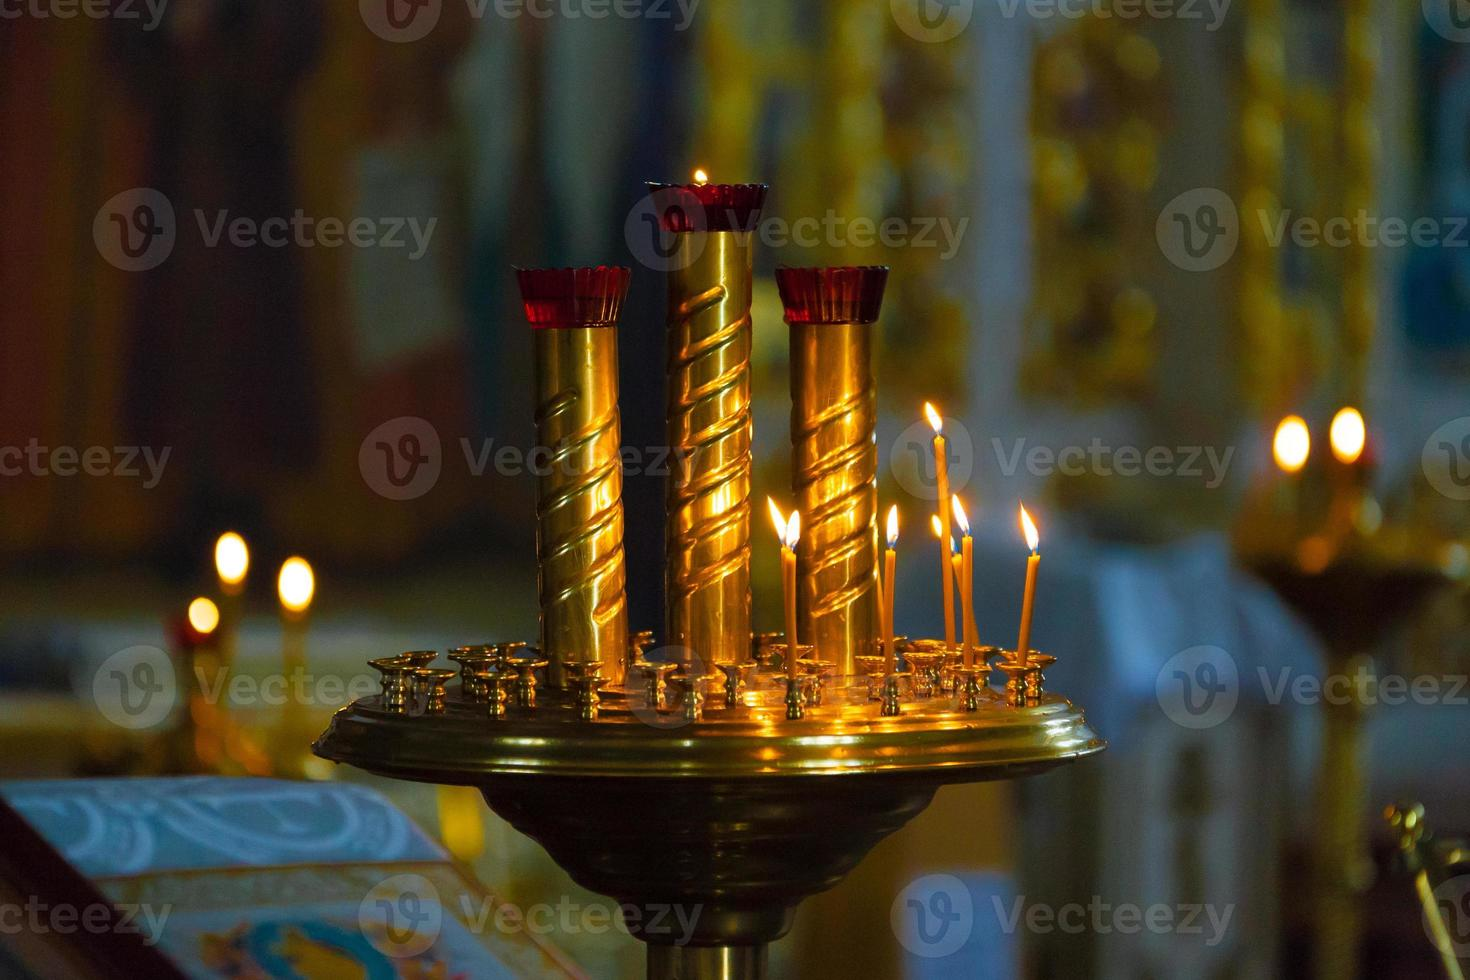 chiesa ortodossa all'interno foto